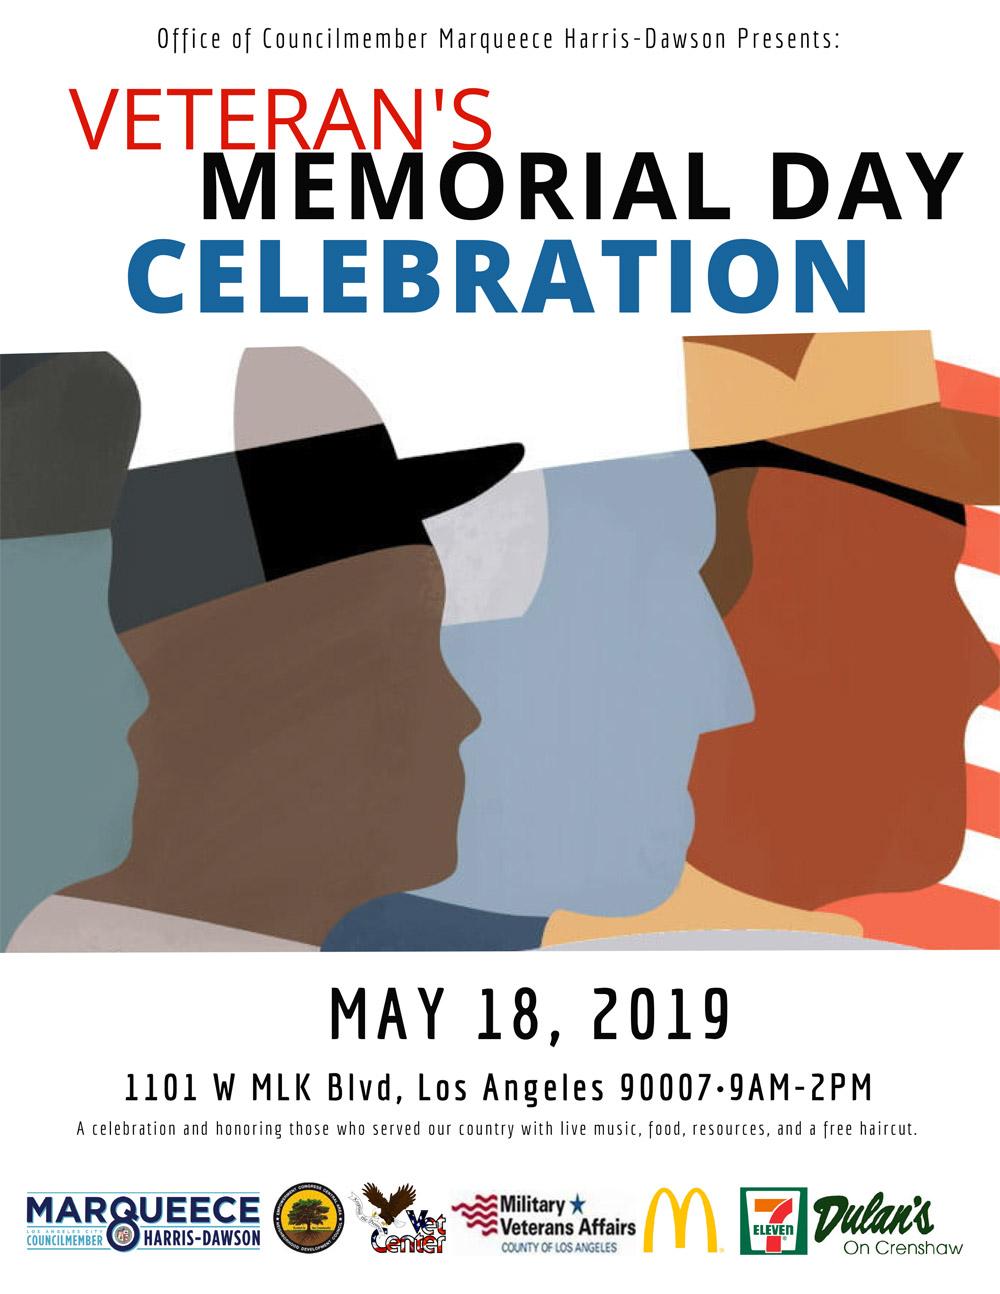 Veteran's Memorial Day Celebration